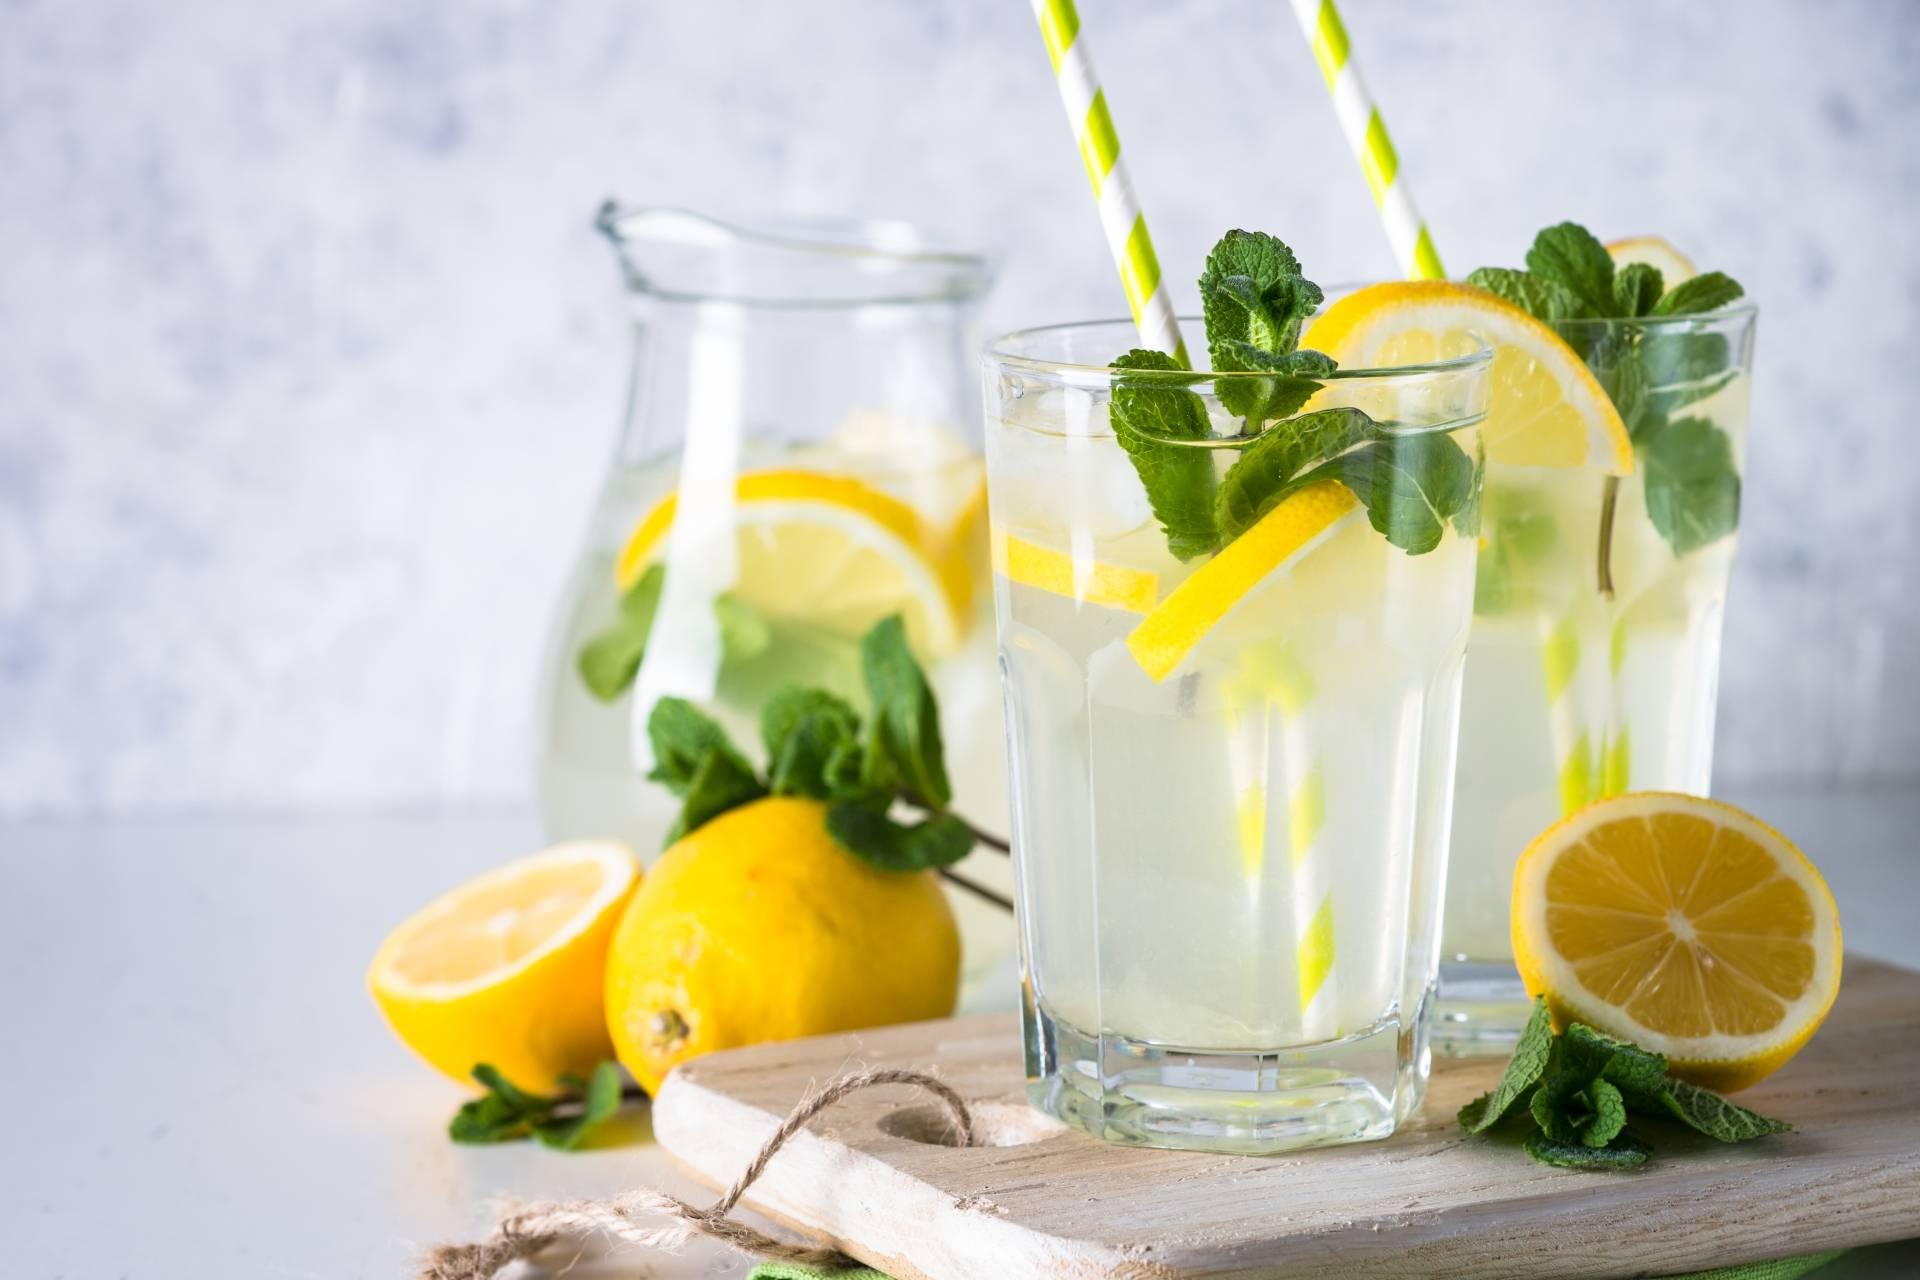 Przepis na lemoniadę cytrynowo-miętową od Katarzyny Błażejewskiej-Stuhr.